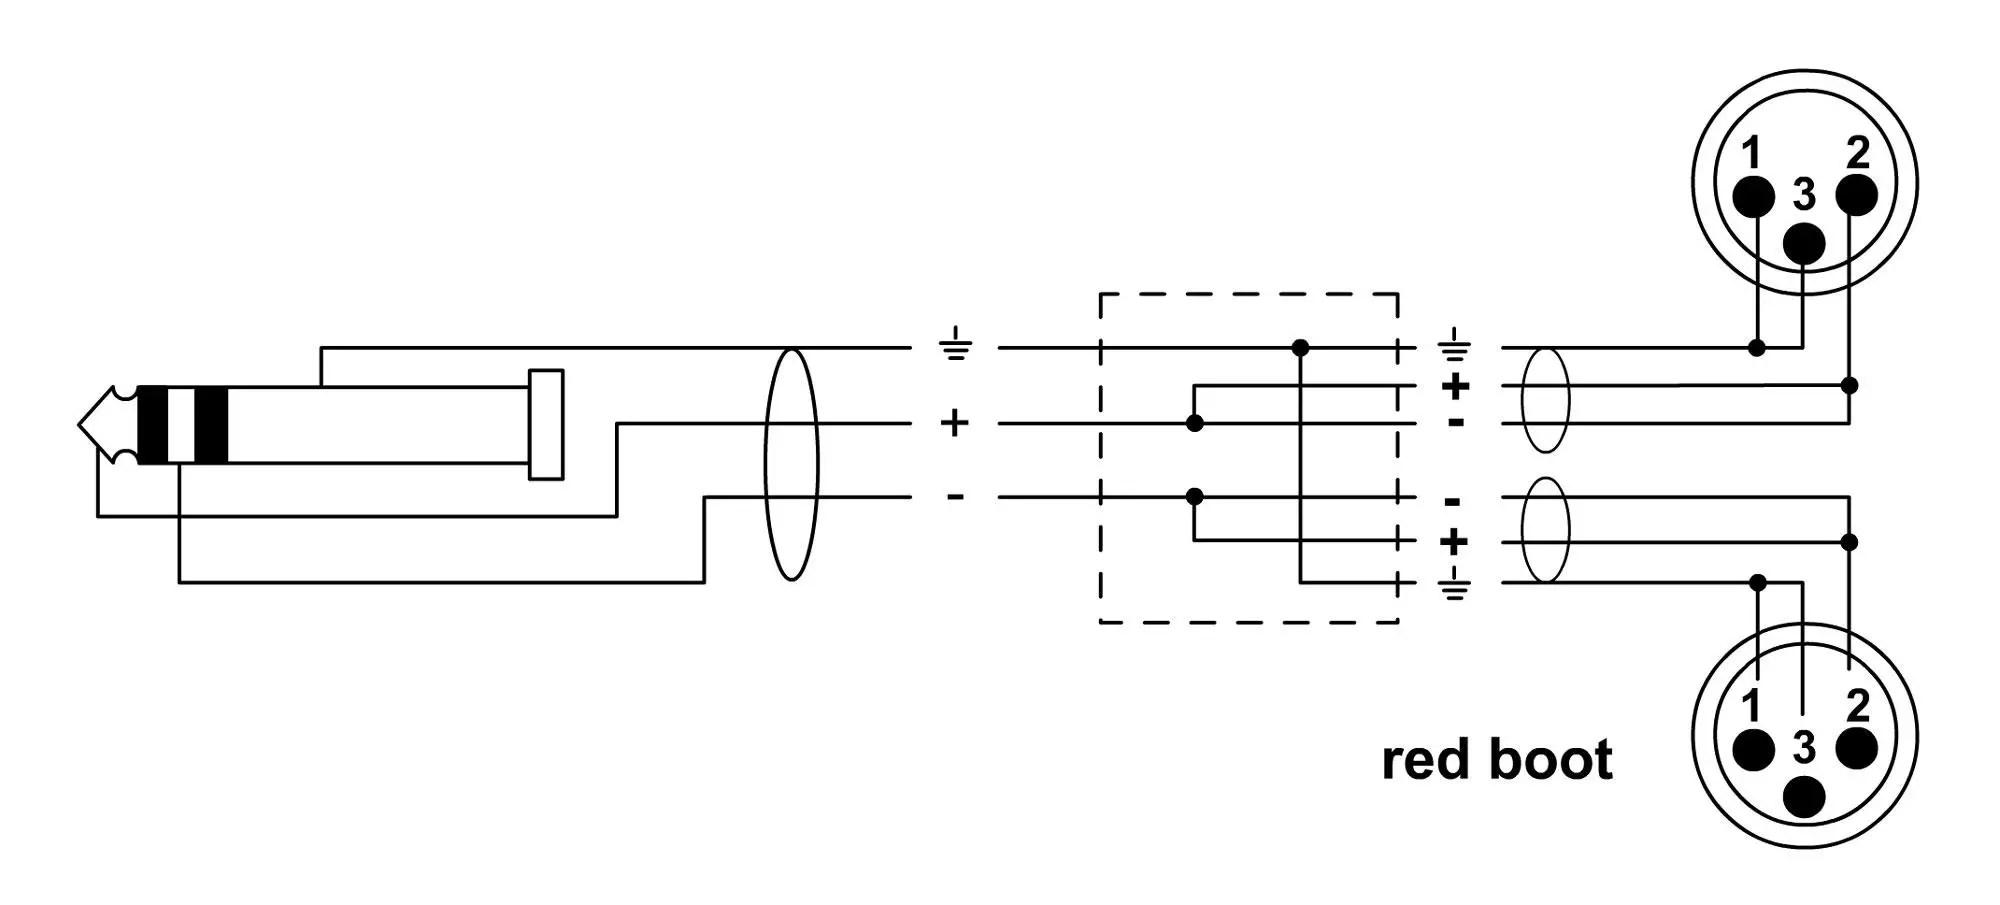 Cordial Cfy 1 8 Wmm Xlr Adapterkabel 1 8 M Schwarz